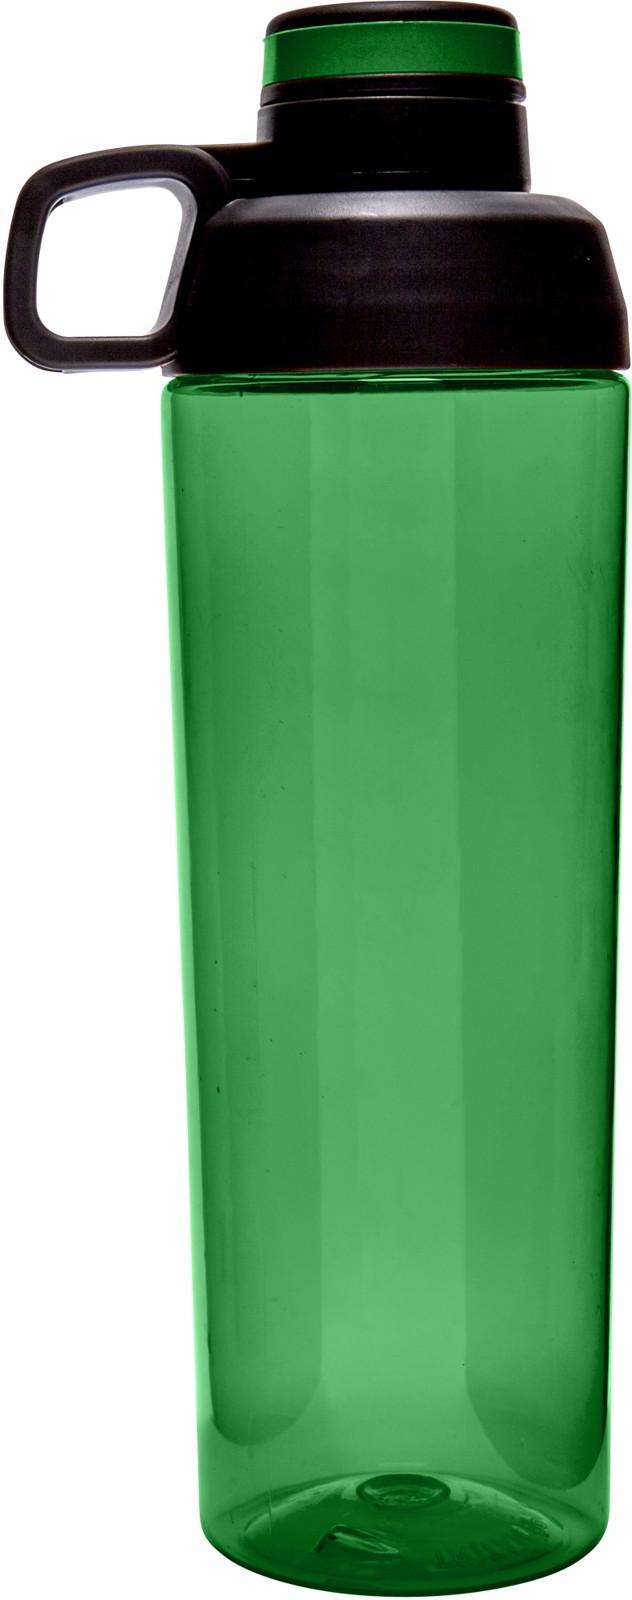 Tritan bottle - Green